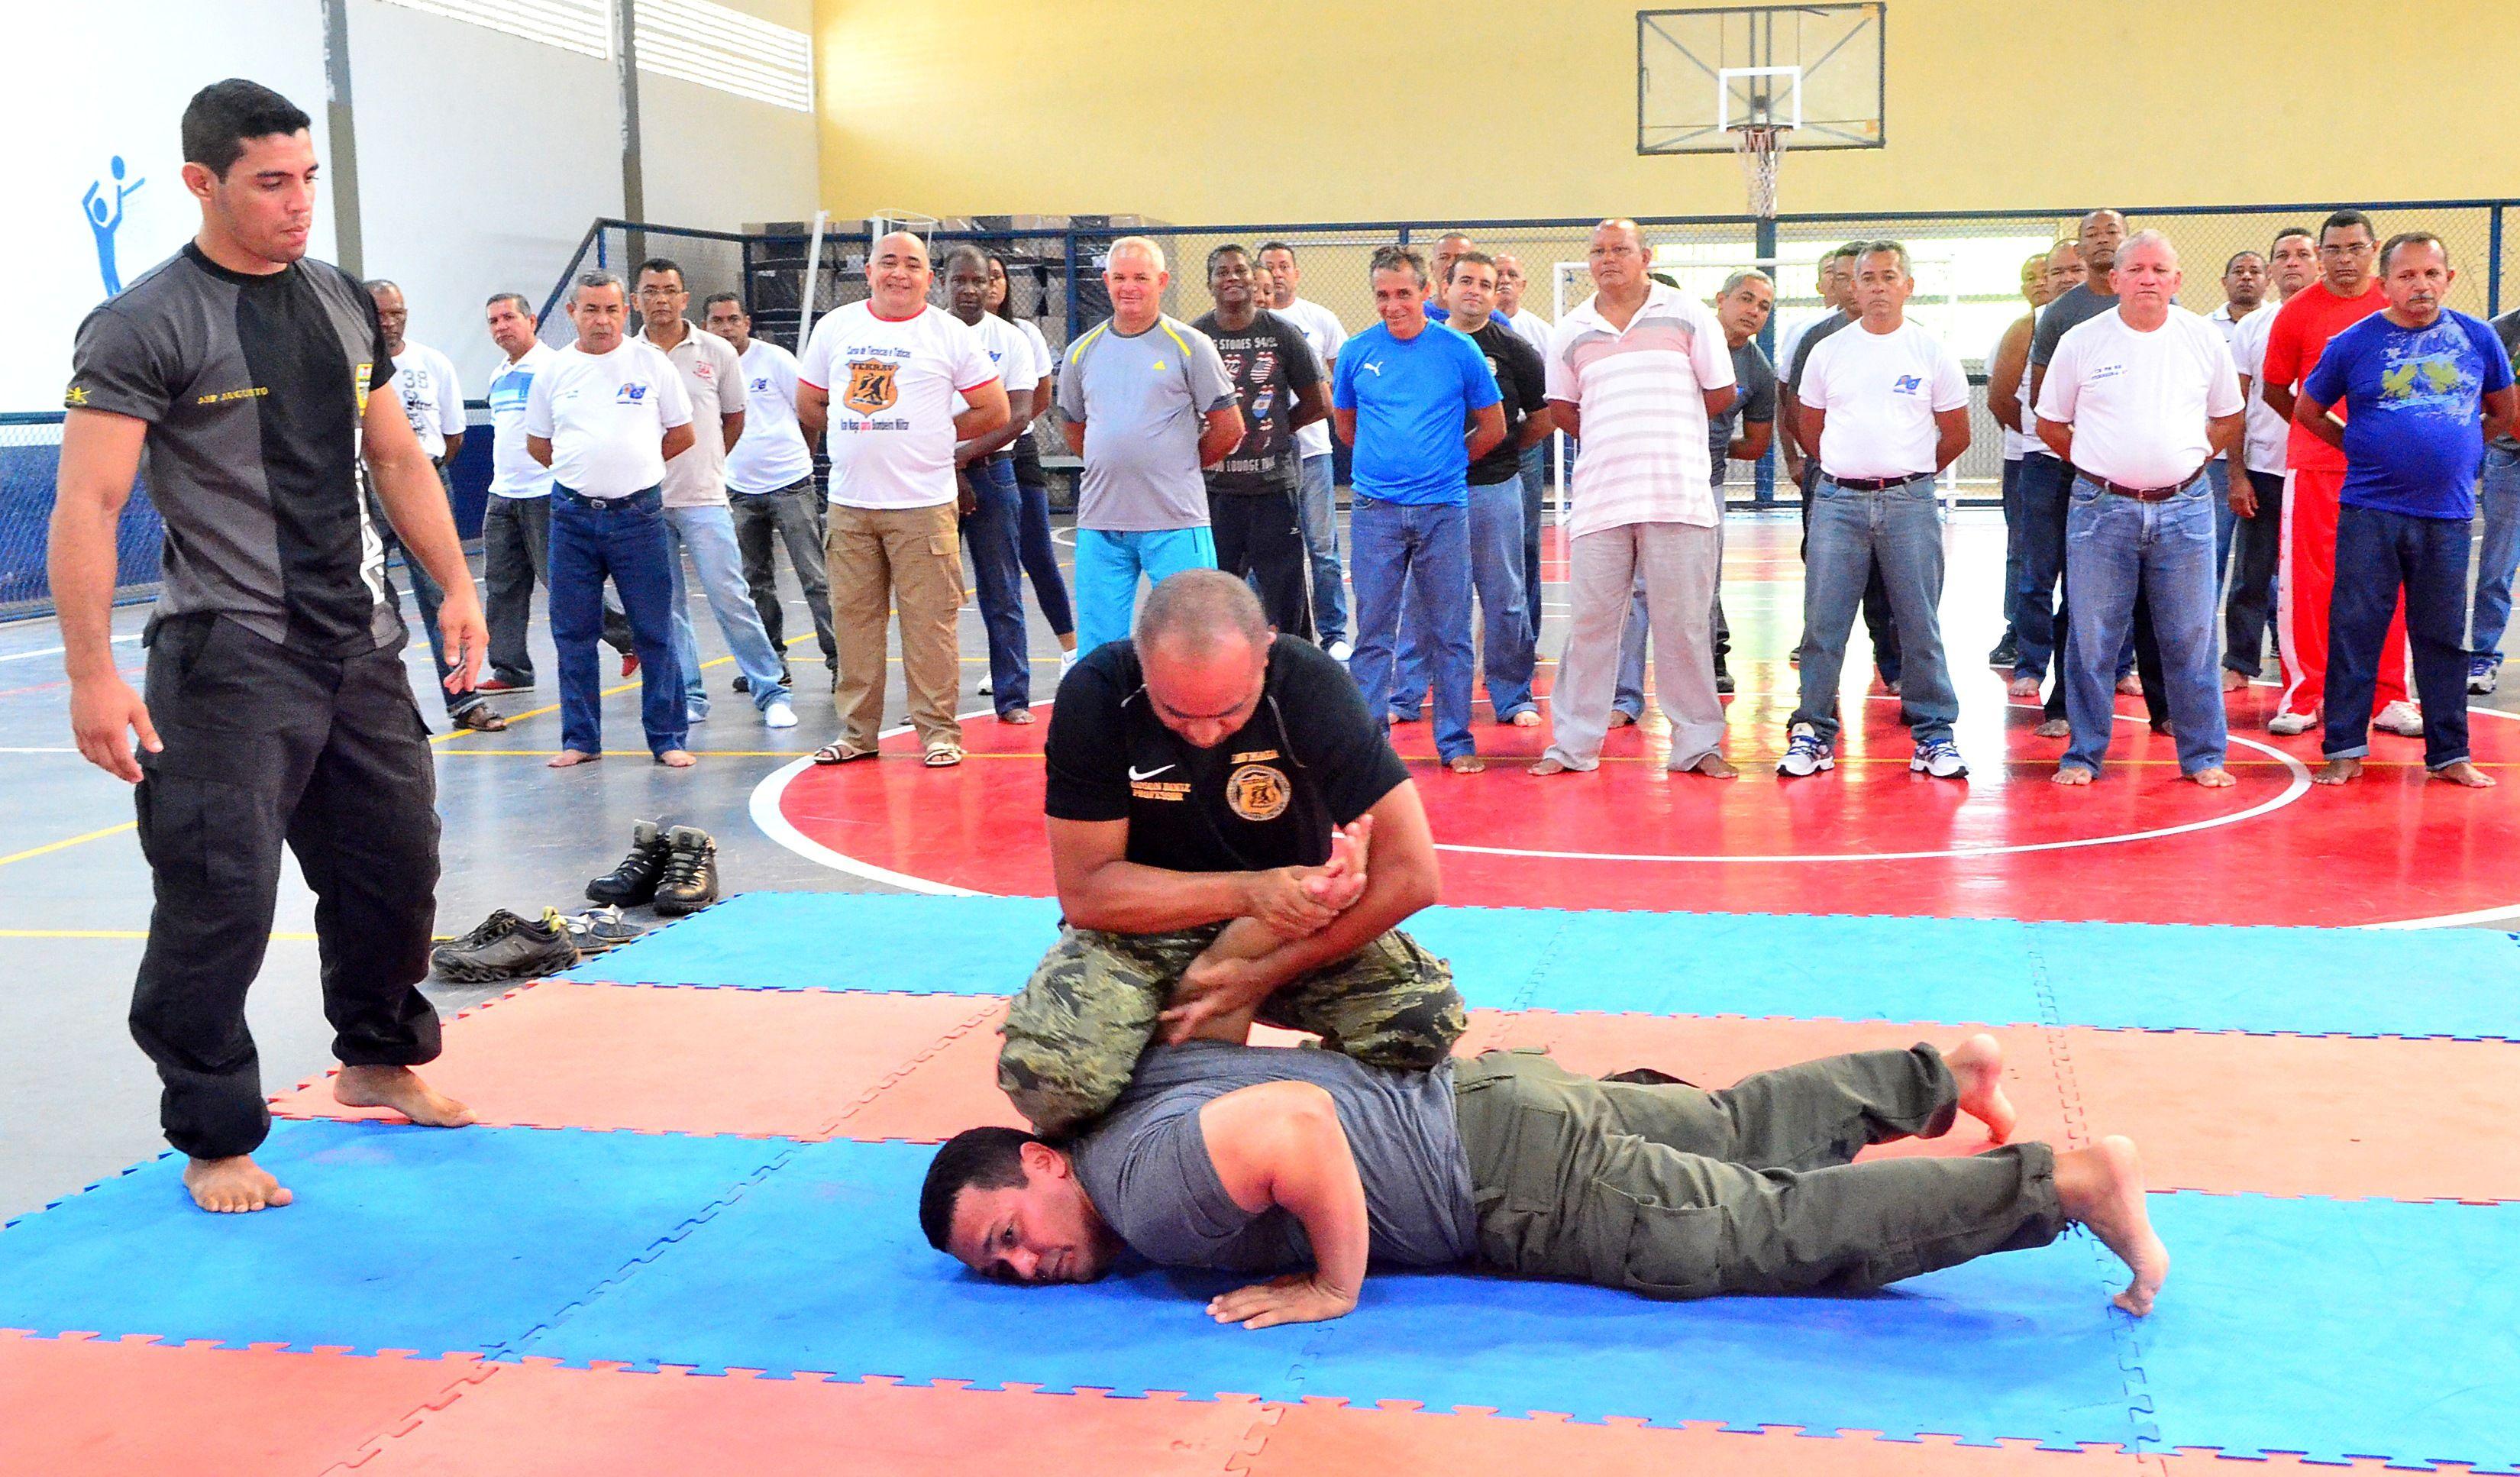 O curso tem como objetivo aprimorar t�cnicas de defesa pessoal por meio de t�ticas de imobiliza��o e Krav Mag� (Foto: Ribamar Pinheiro)